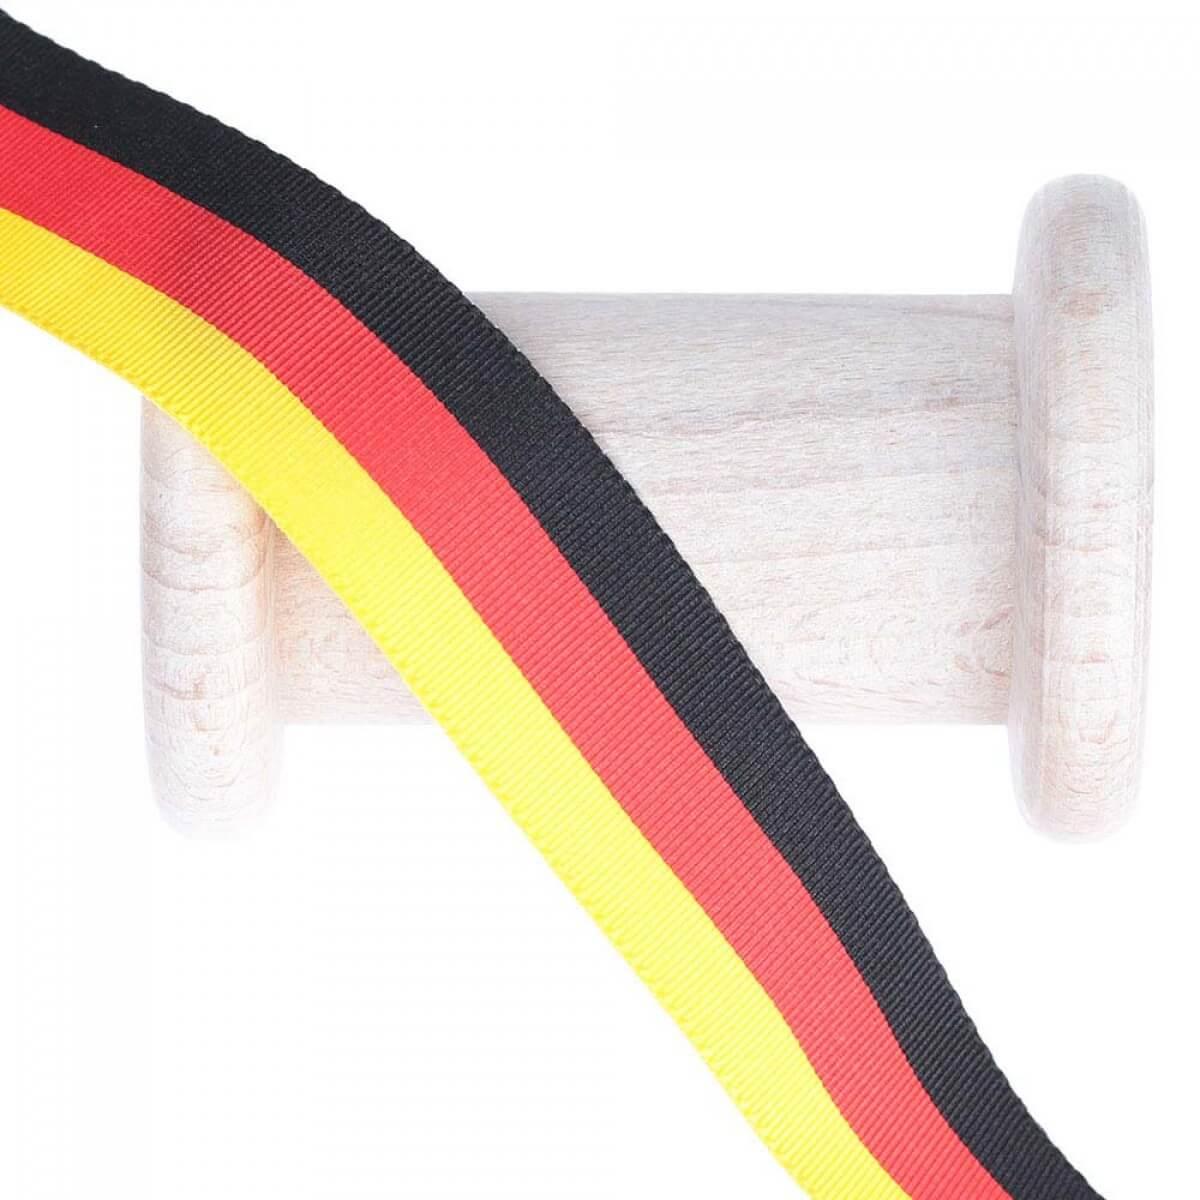 Ruban Drapeau Allemagne 5 Metres Noir Rouge Jaune Mercerie Carefil